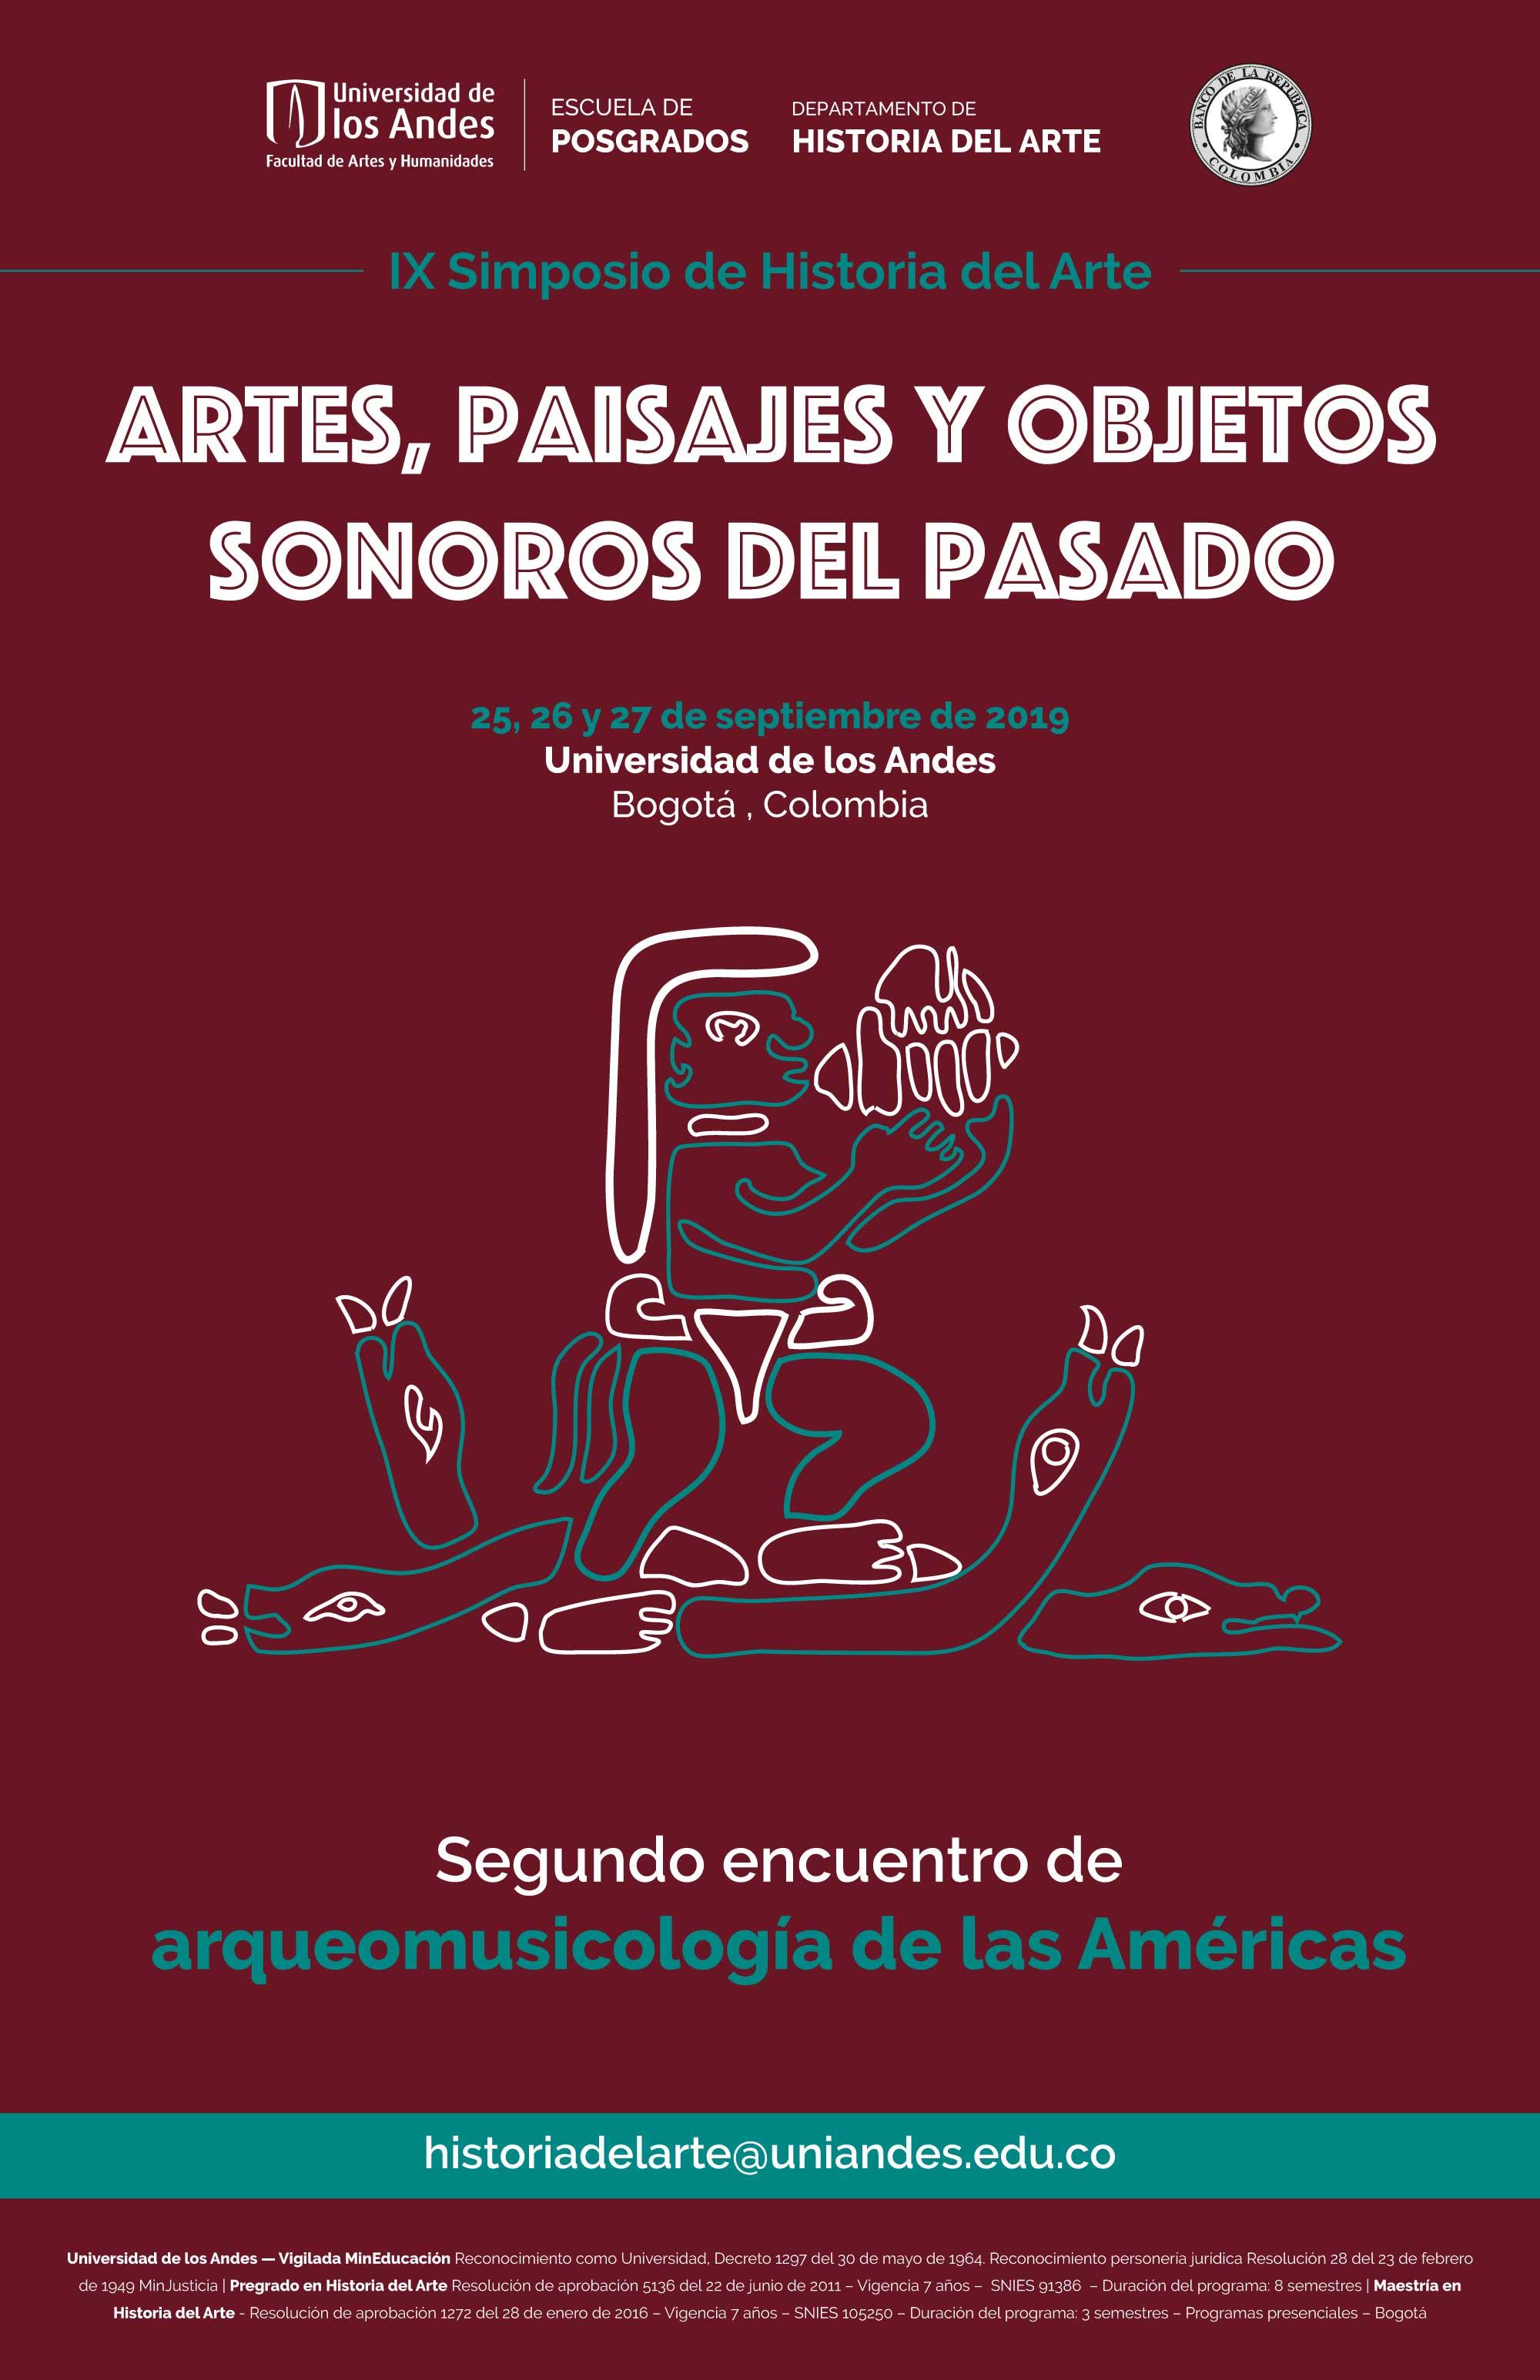 Tercera circular: Segundo encuentro de arqueomusicología de las Américas